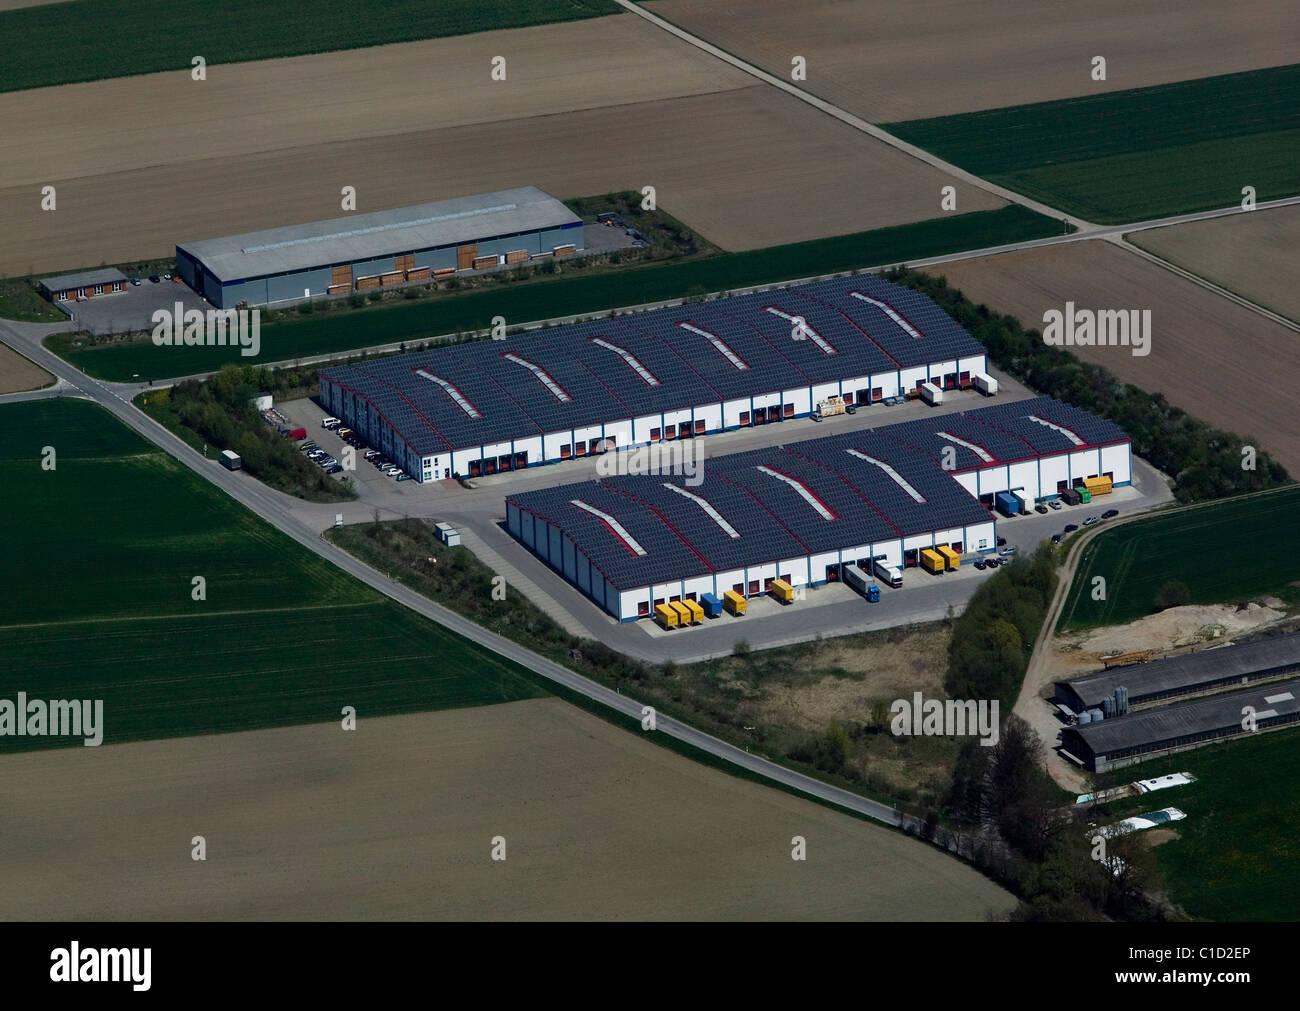 Vista aérea por encima del techo del almacén cubierto con paneles solares, Baviera, Alemania Imagen De Stock